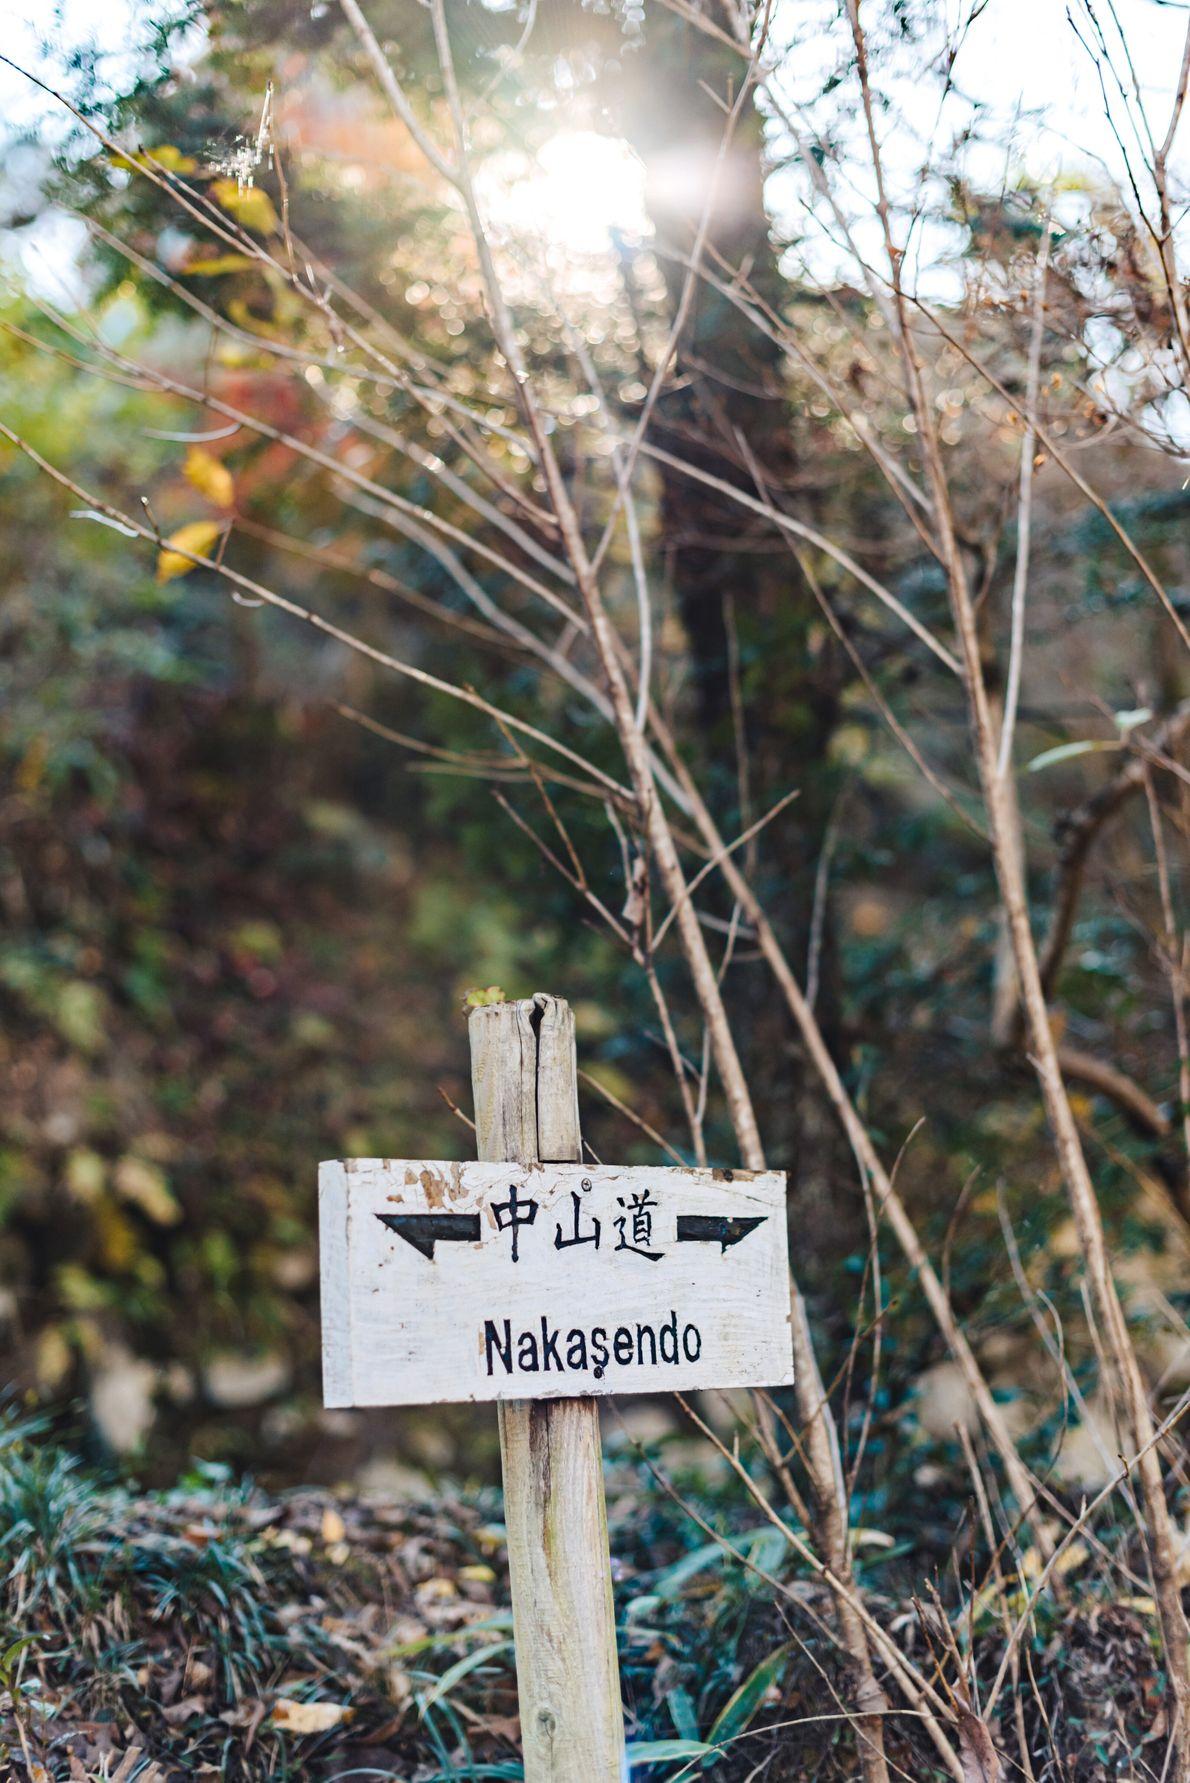 nhat-ban-trekking-natgeo-11-7917-1616490